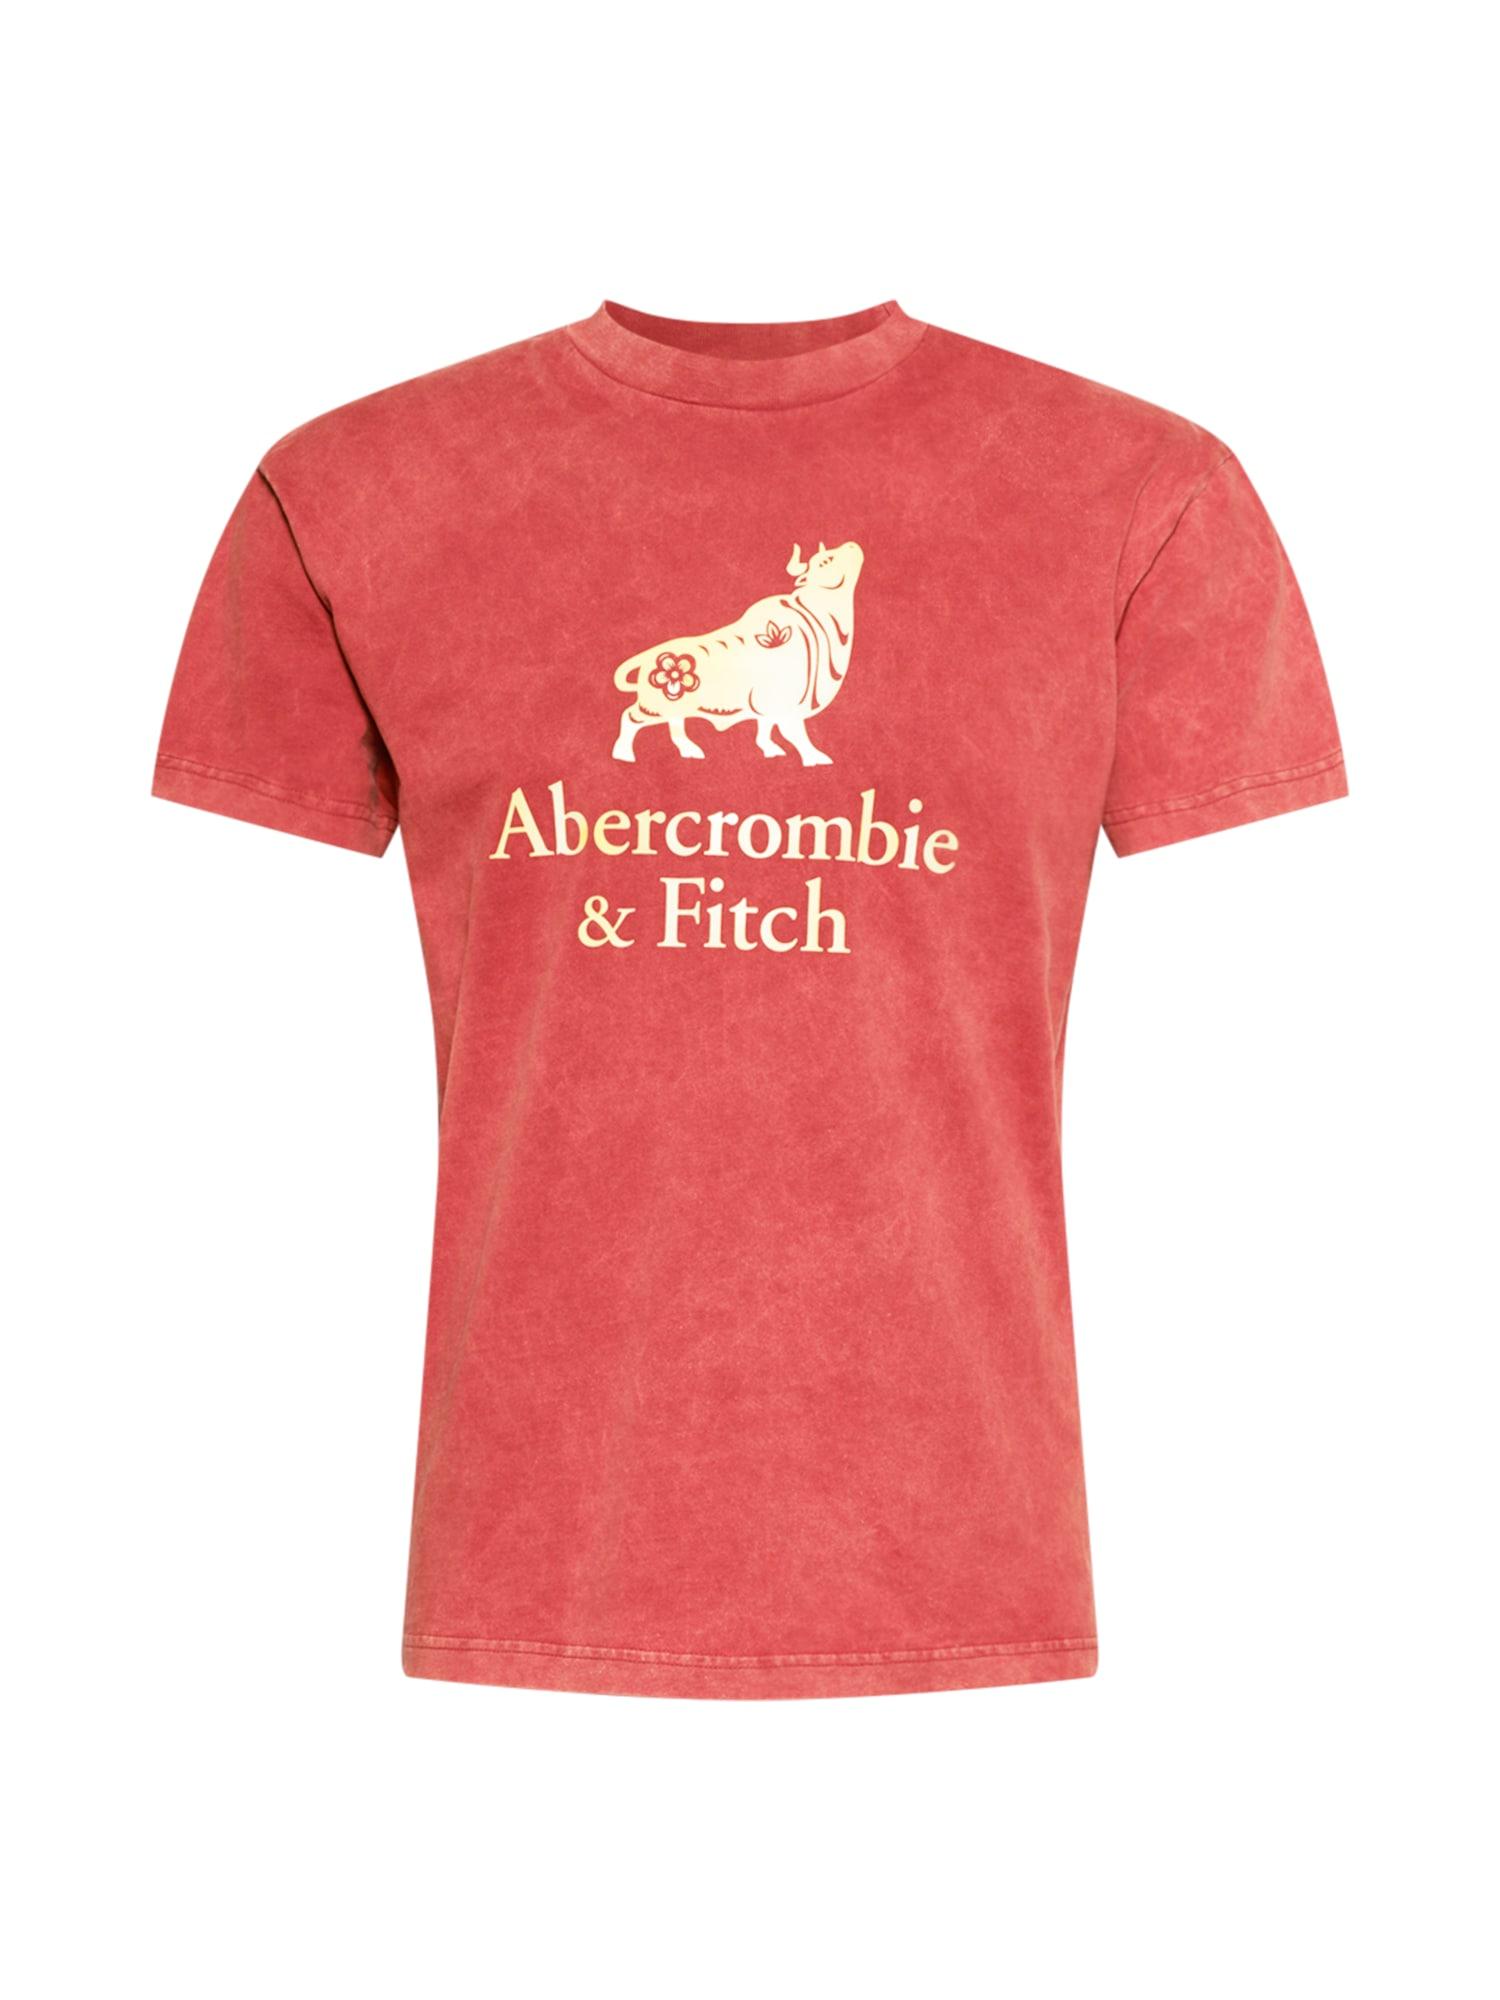 Abercrombie & Fitch Marškinėliai raudona / pastelinė geltona